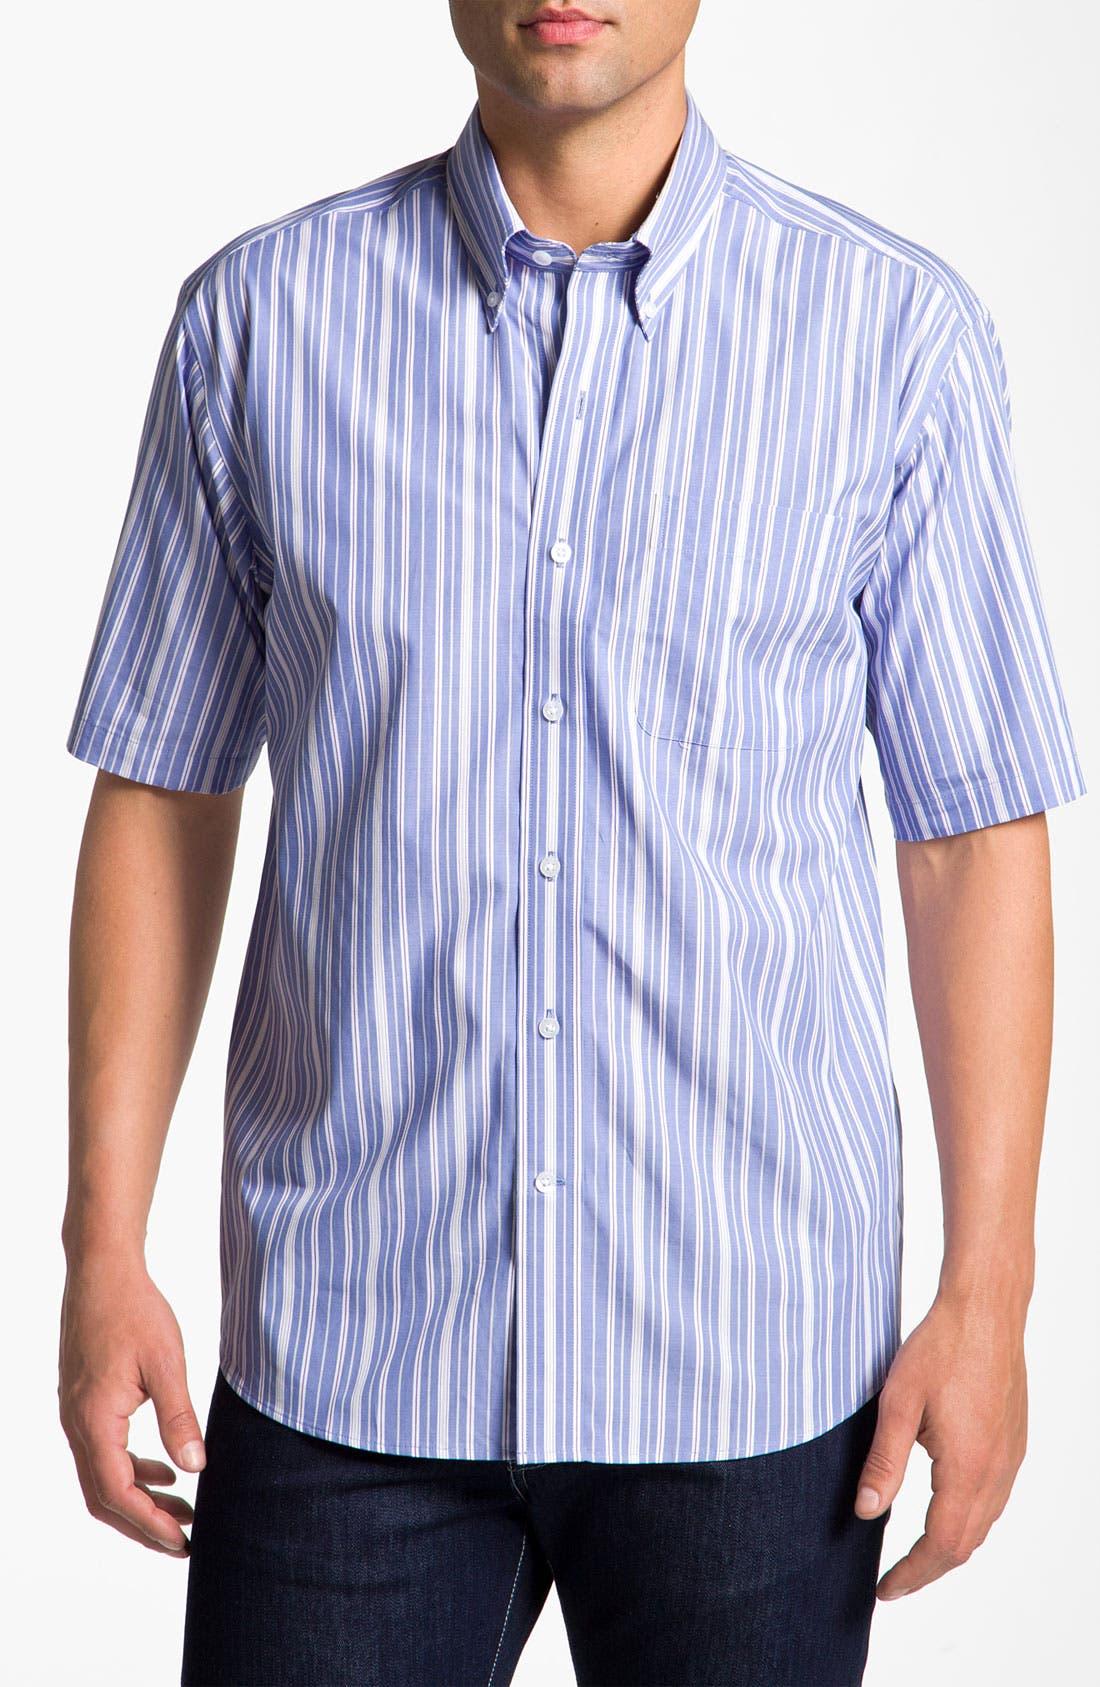 Alternate Image 1 Selected - Cutter & Buck 'Beach Access' Stripe Sport Shirt